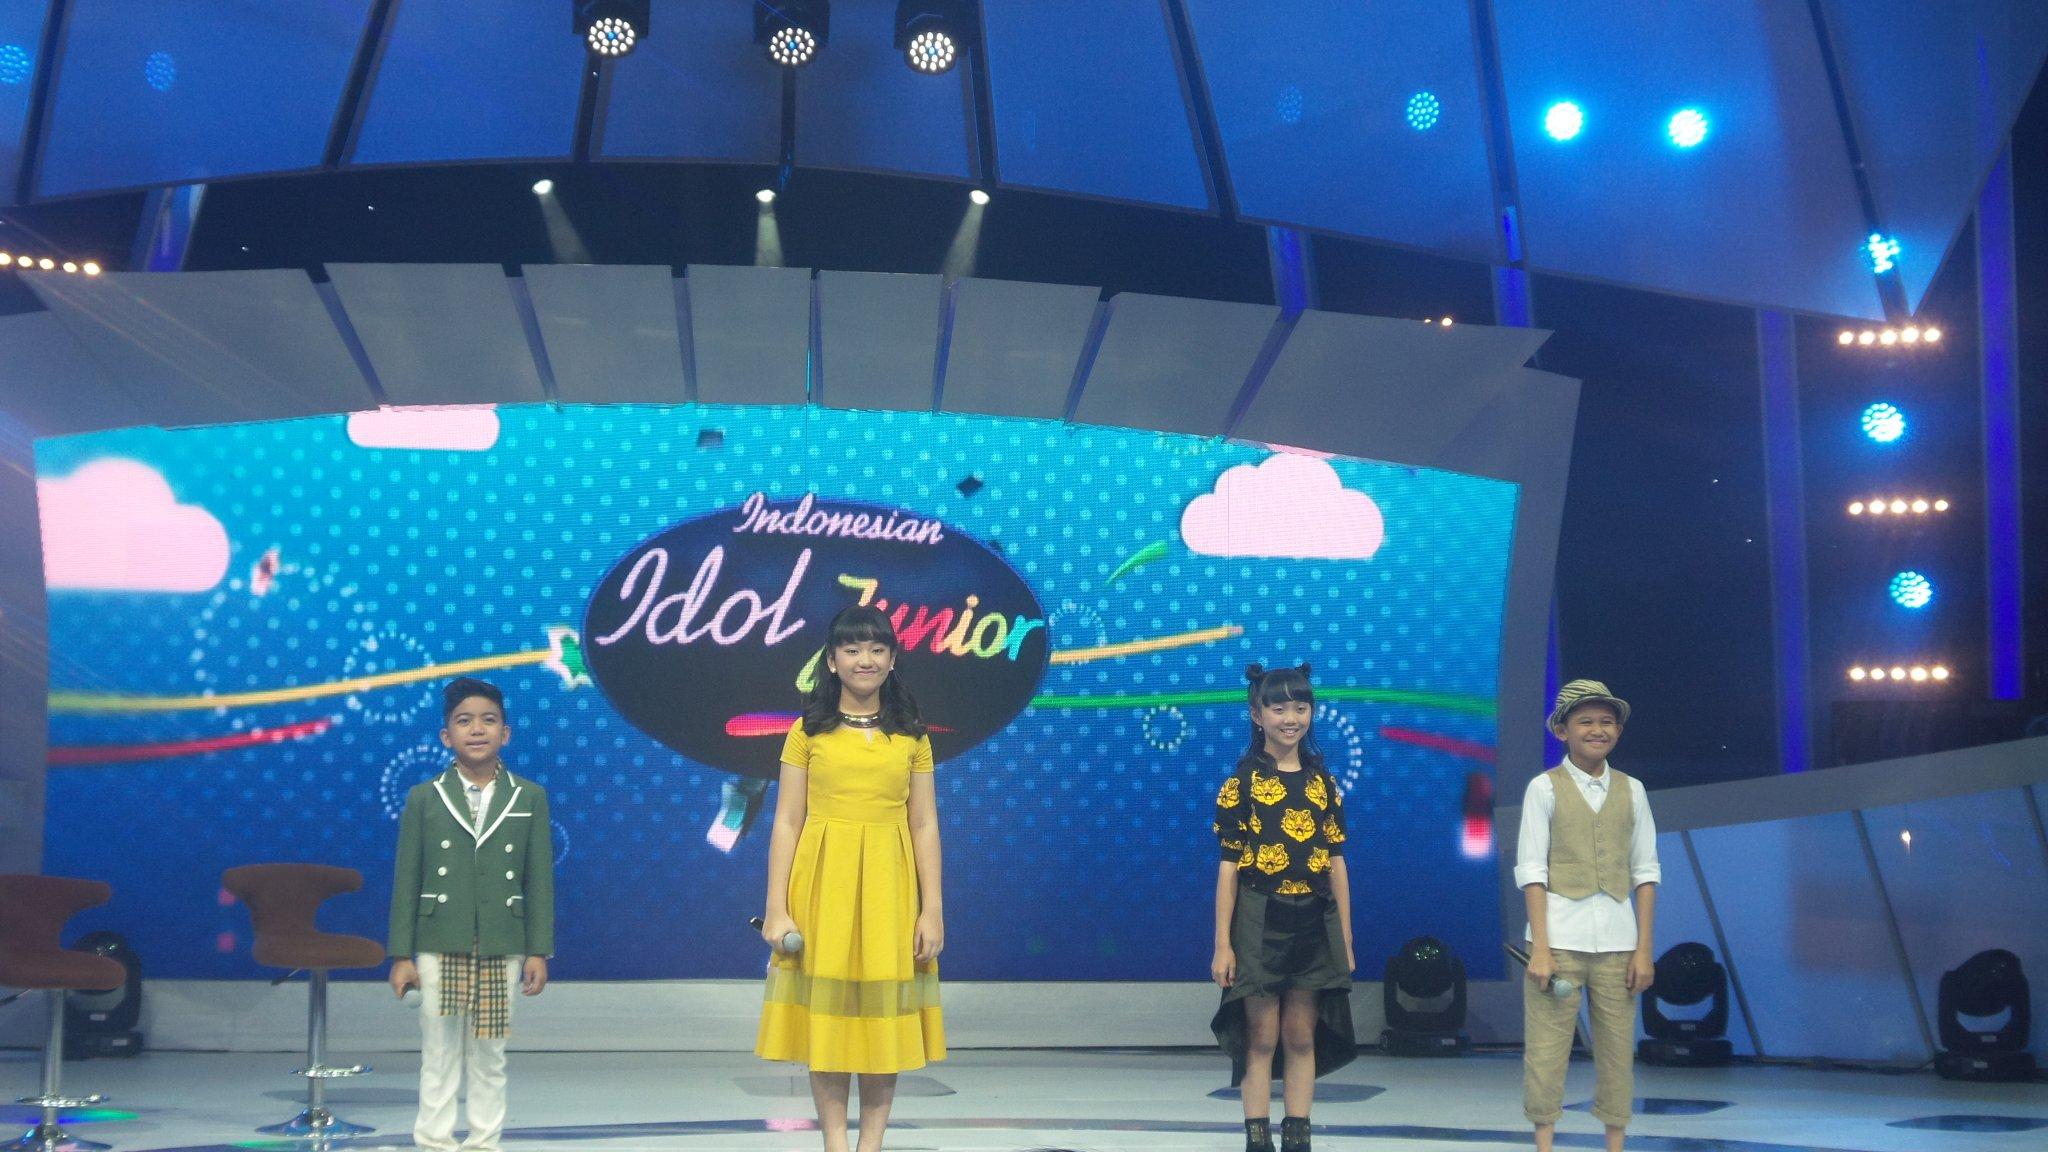 Siapakah diantar ke 4 TOP Junior yg akan masuk ke TOP 3 ? @Official_MNCTV #IdolJrDuetStar https://t.co/Z8w6LAy0Nb